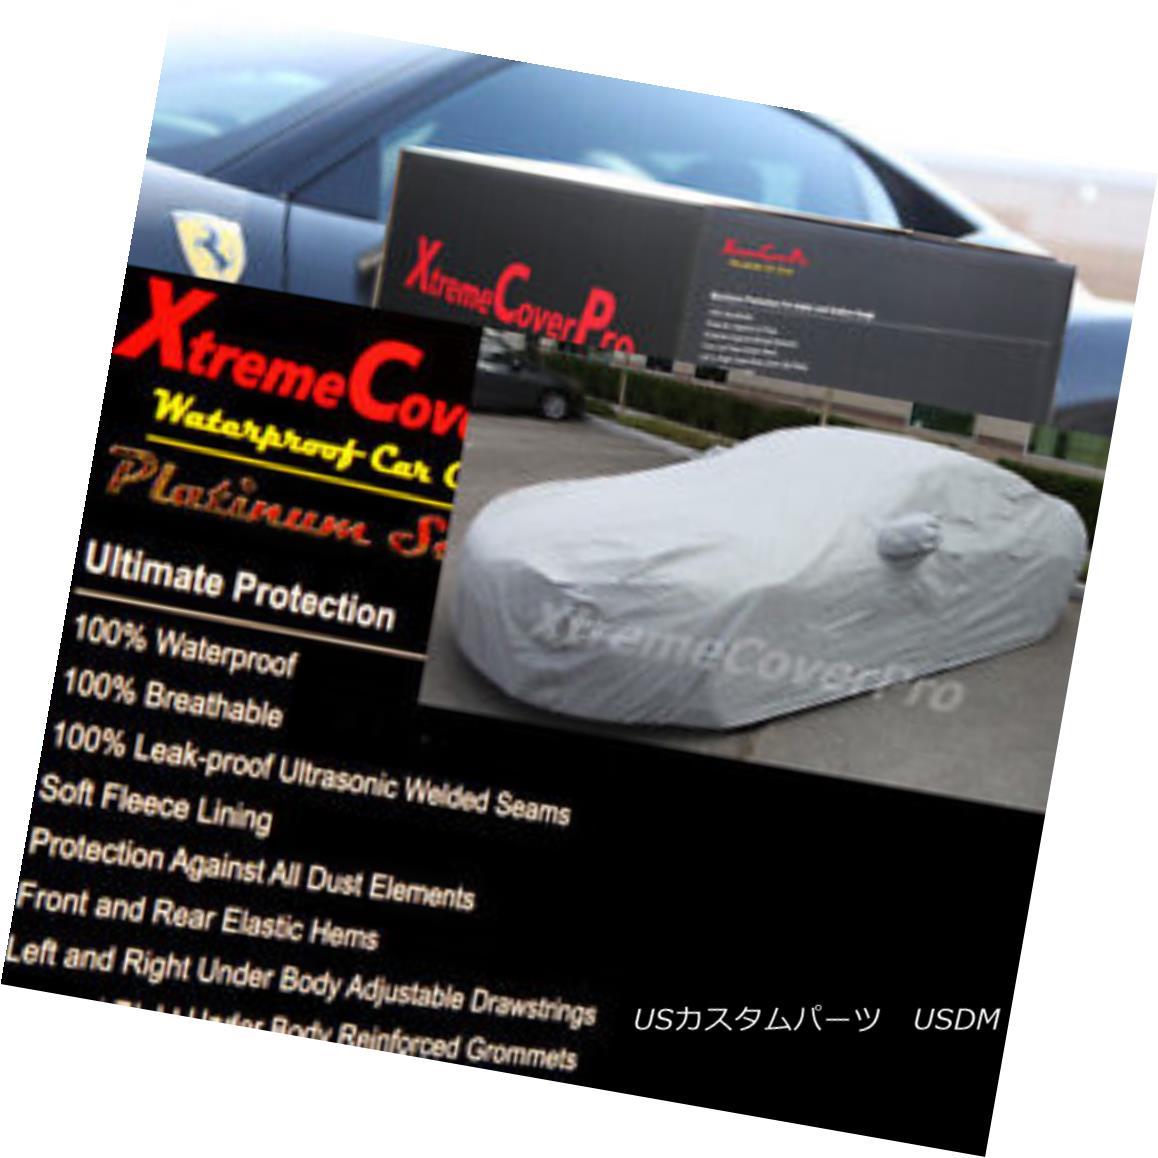 カーカバー 1988 1989 1990 Cadillac DeVille Waterproof Car Cover w/MirrorPocket 1988年1989年1990年キャデラックDeVille防水カーカバー付きMirrorPocket